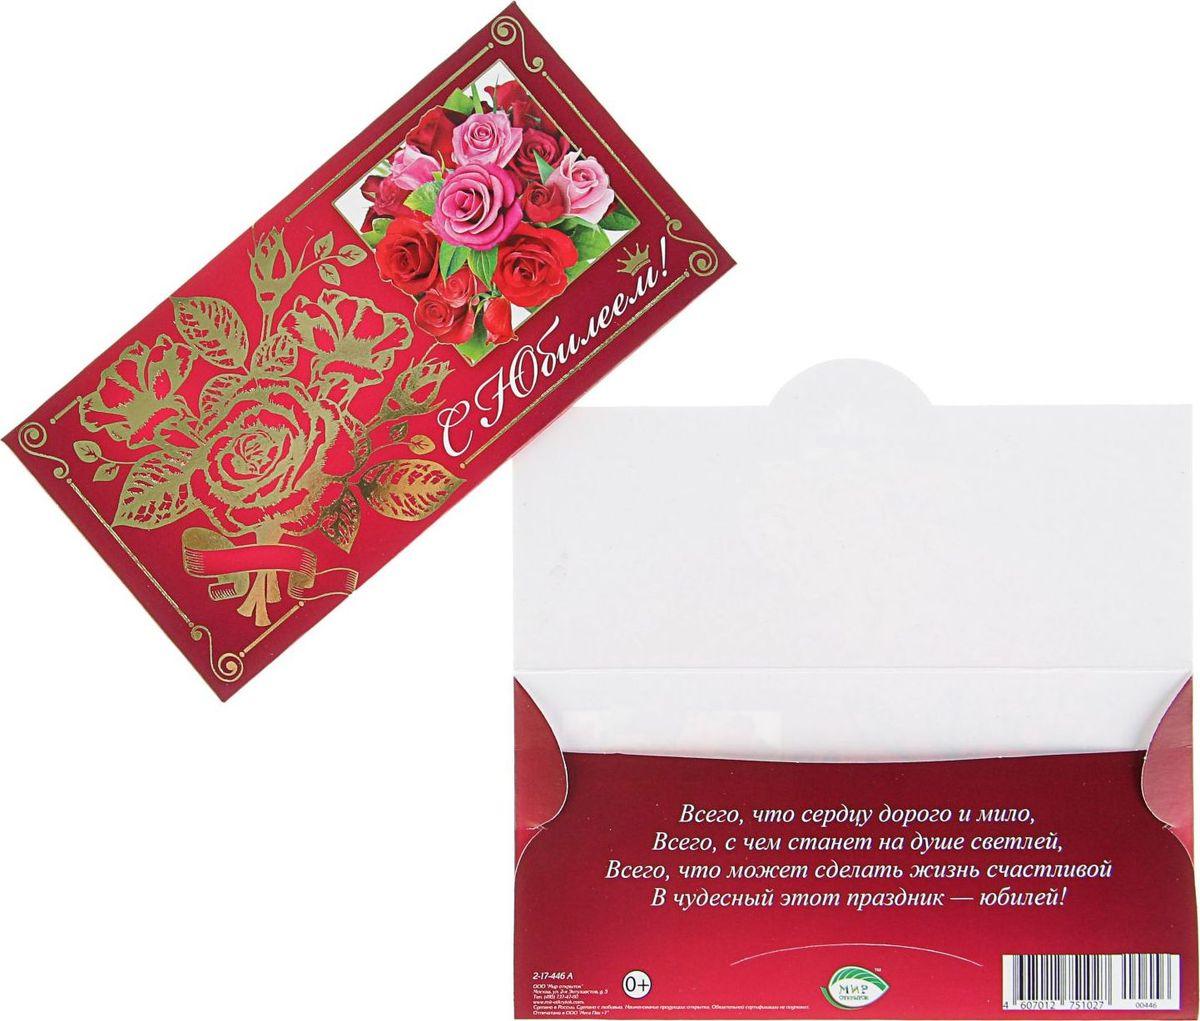 Конверт для денег Мир открыток С Юбилеем! Розы, 16,4 х 8,4 см2539209Невозможно представить нашу жизнь без праздников! Мы всегда ждём их и предвкушаем, обдумываем, как проведём памятный день, тщательно выбираем подарки и аксессуары, ведь именно они создают и поддерживают торжественный настрой. Этот конверт - отличный выбор, который привнесёт атмосферу праздника в ваш дом!